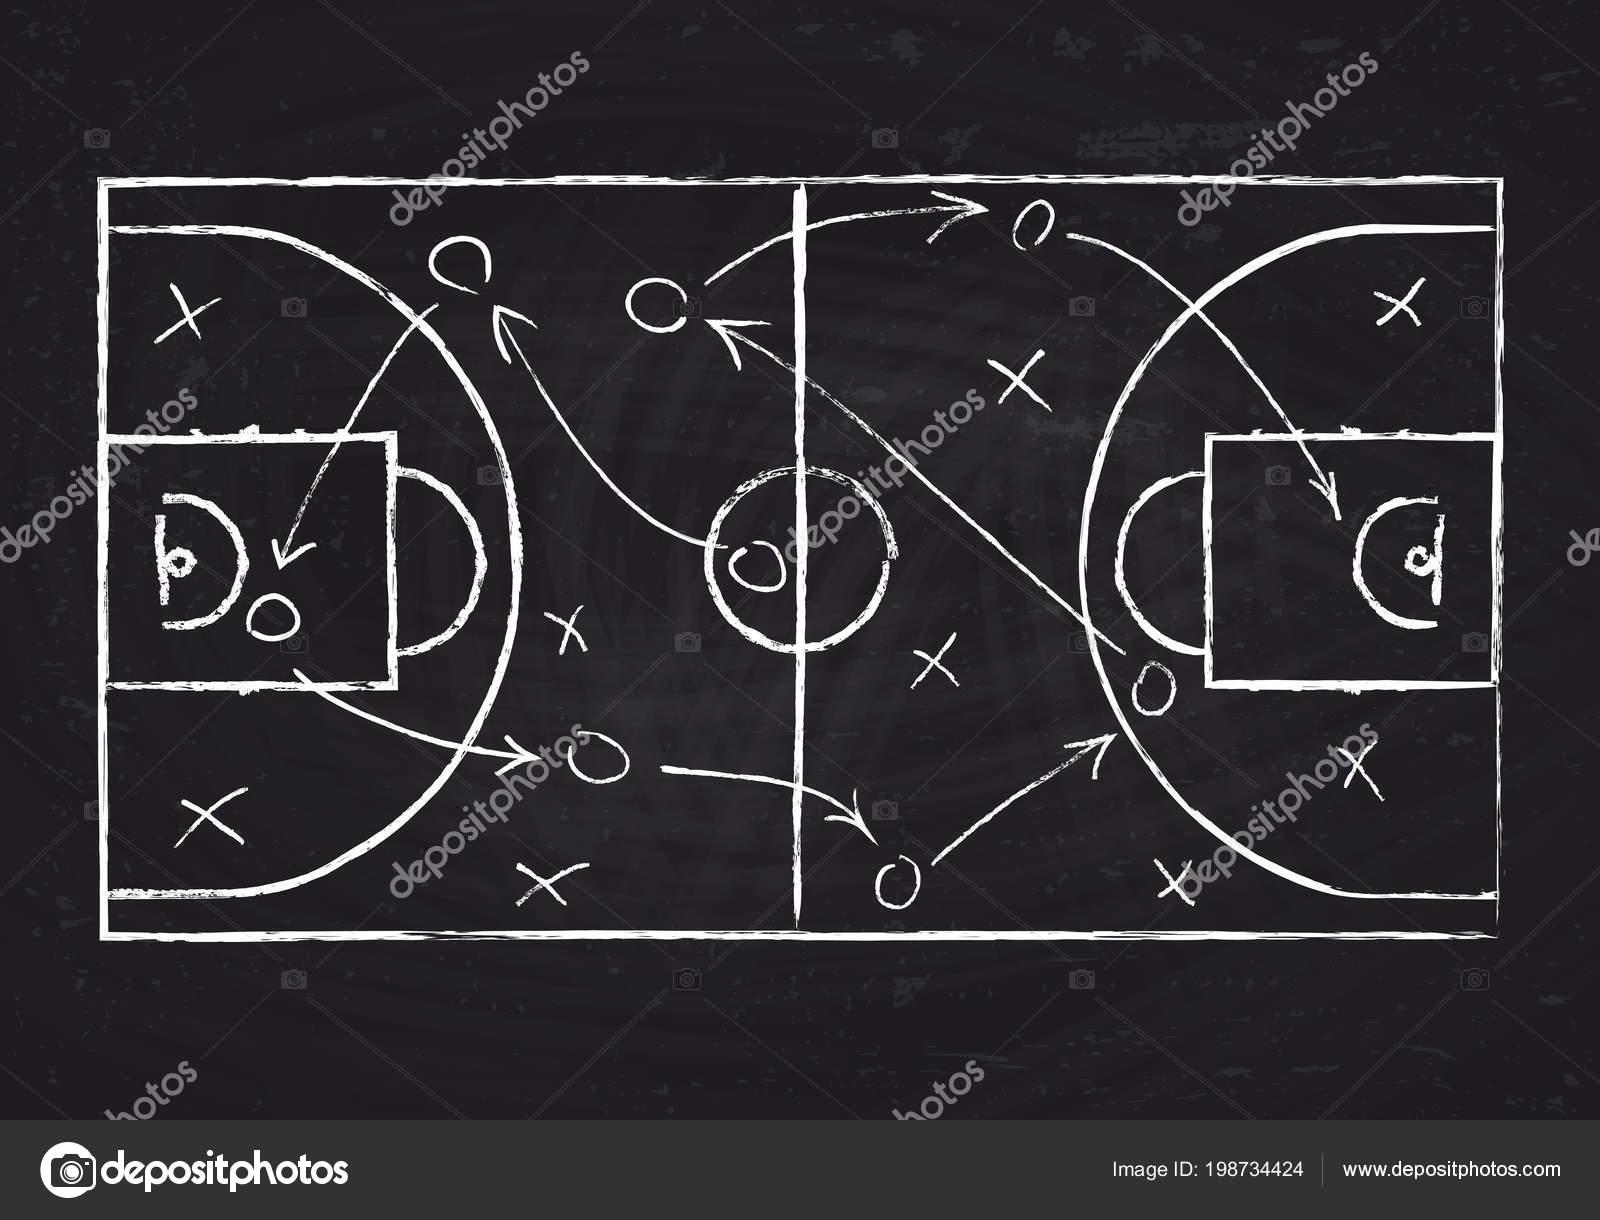 Et Ball Tableau Noir Avec Cour Stratégie De Système Basket Jeu uTJ5F1Kc3l